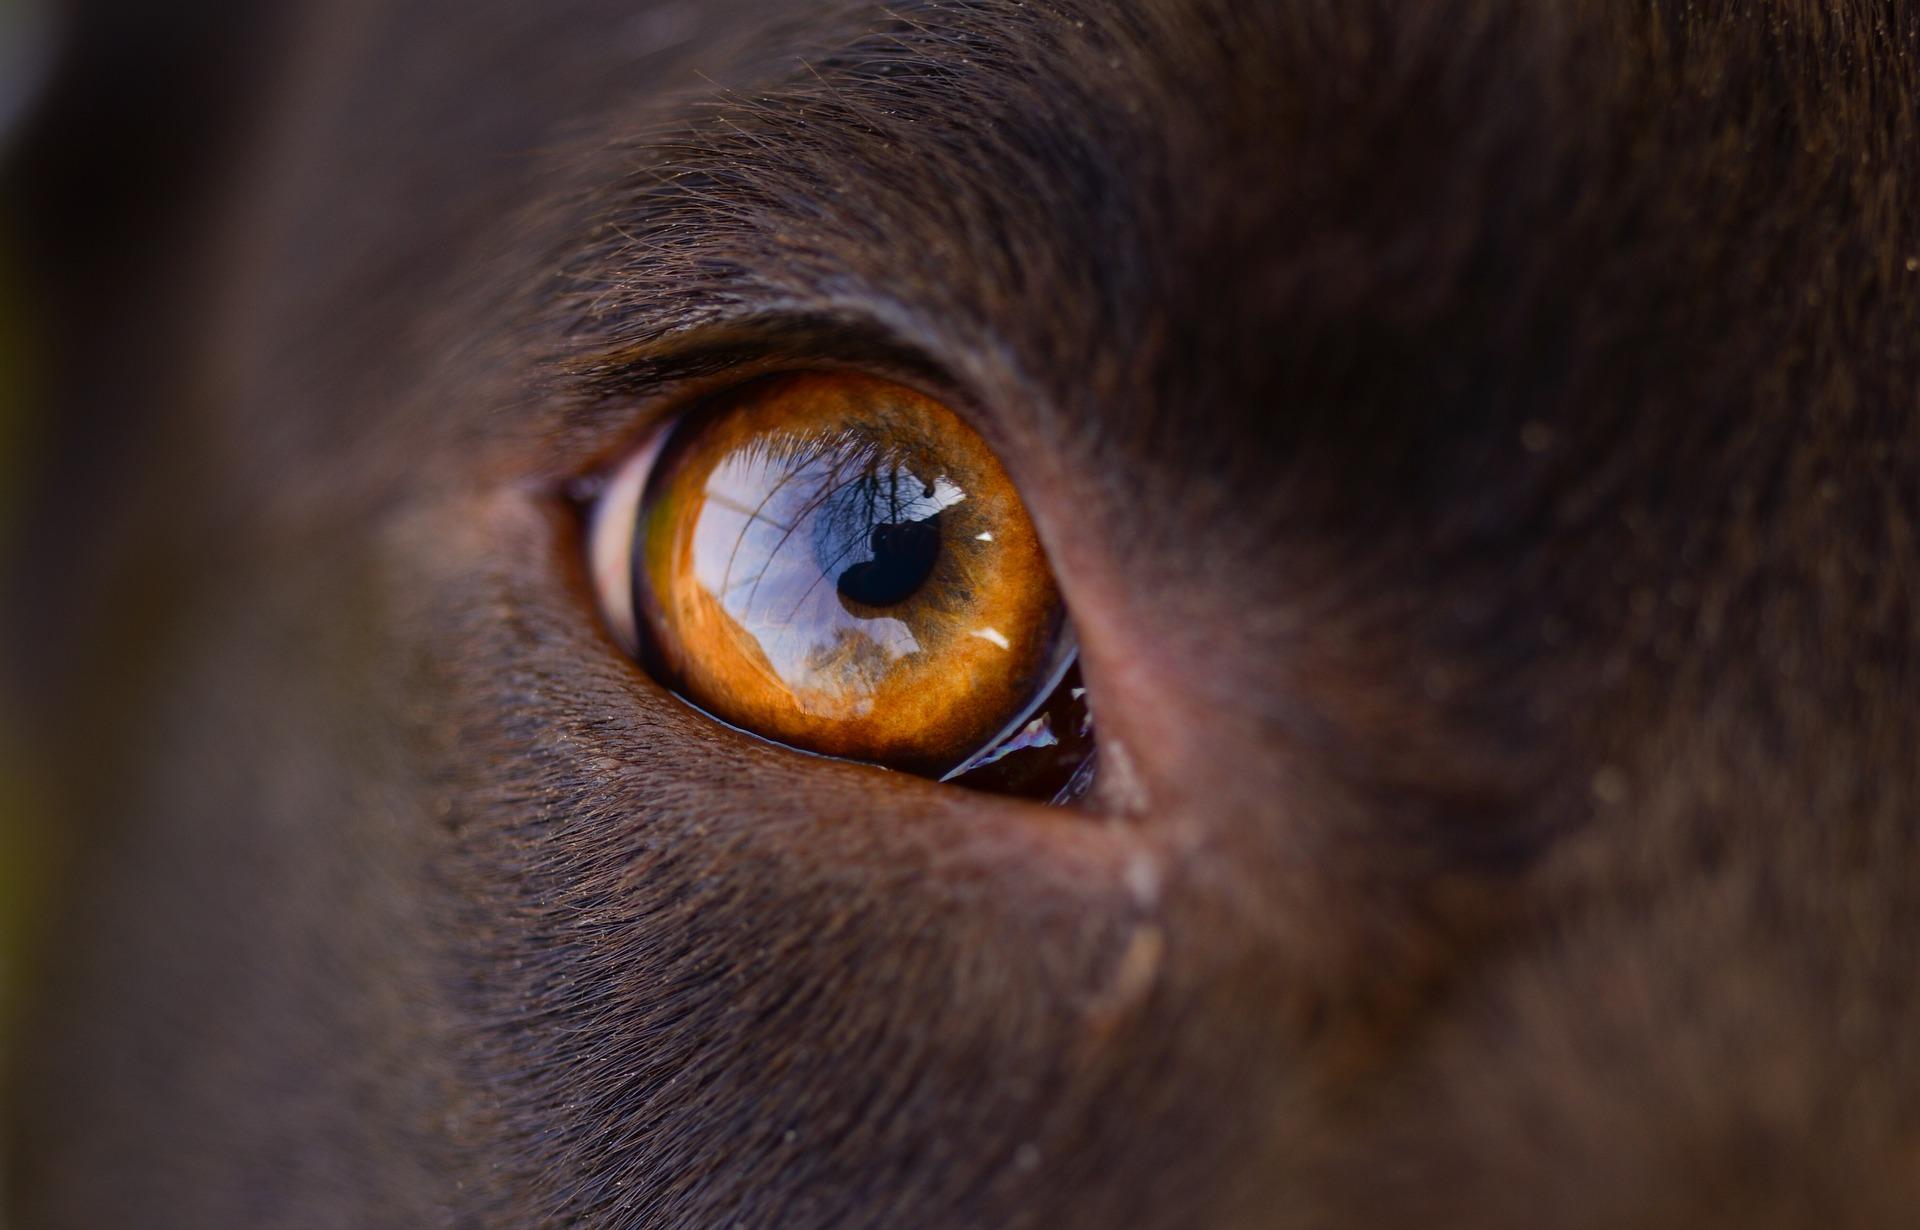 el perro tiene posible infección ocular